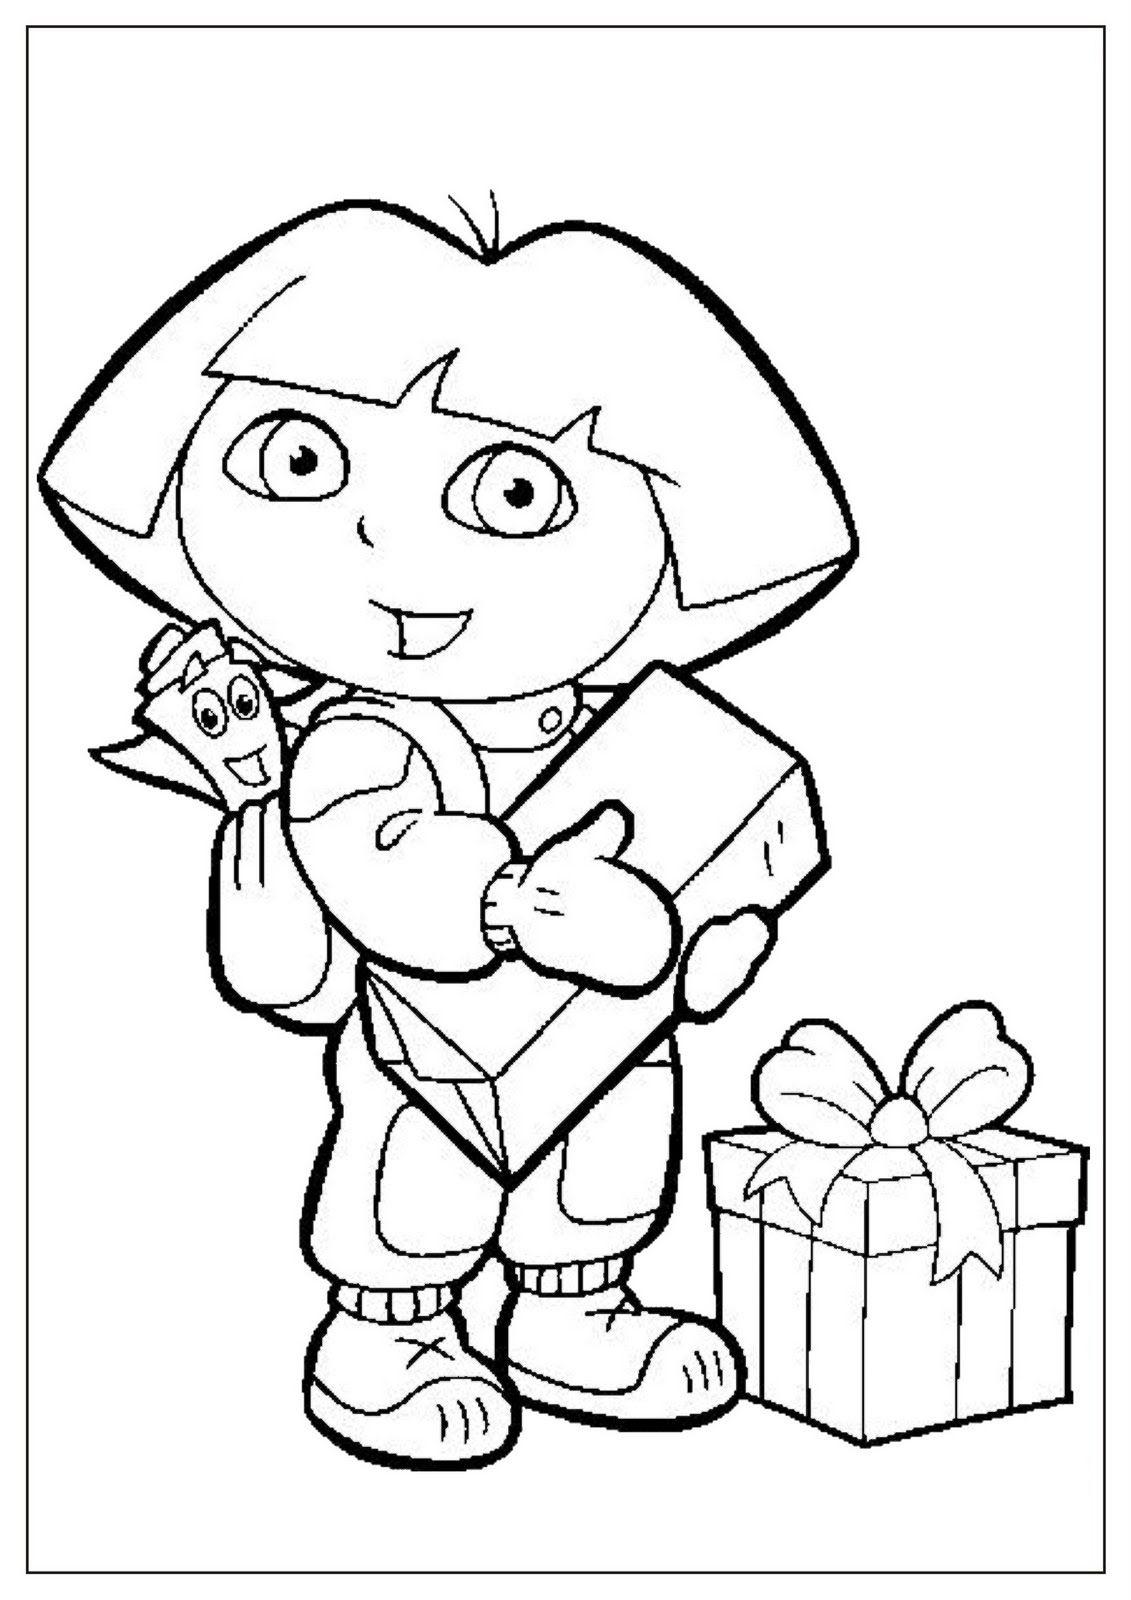 Dibujo para colorear de Dora la exploradora con Mochila y muchos ...